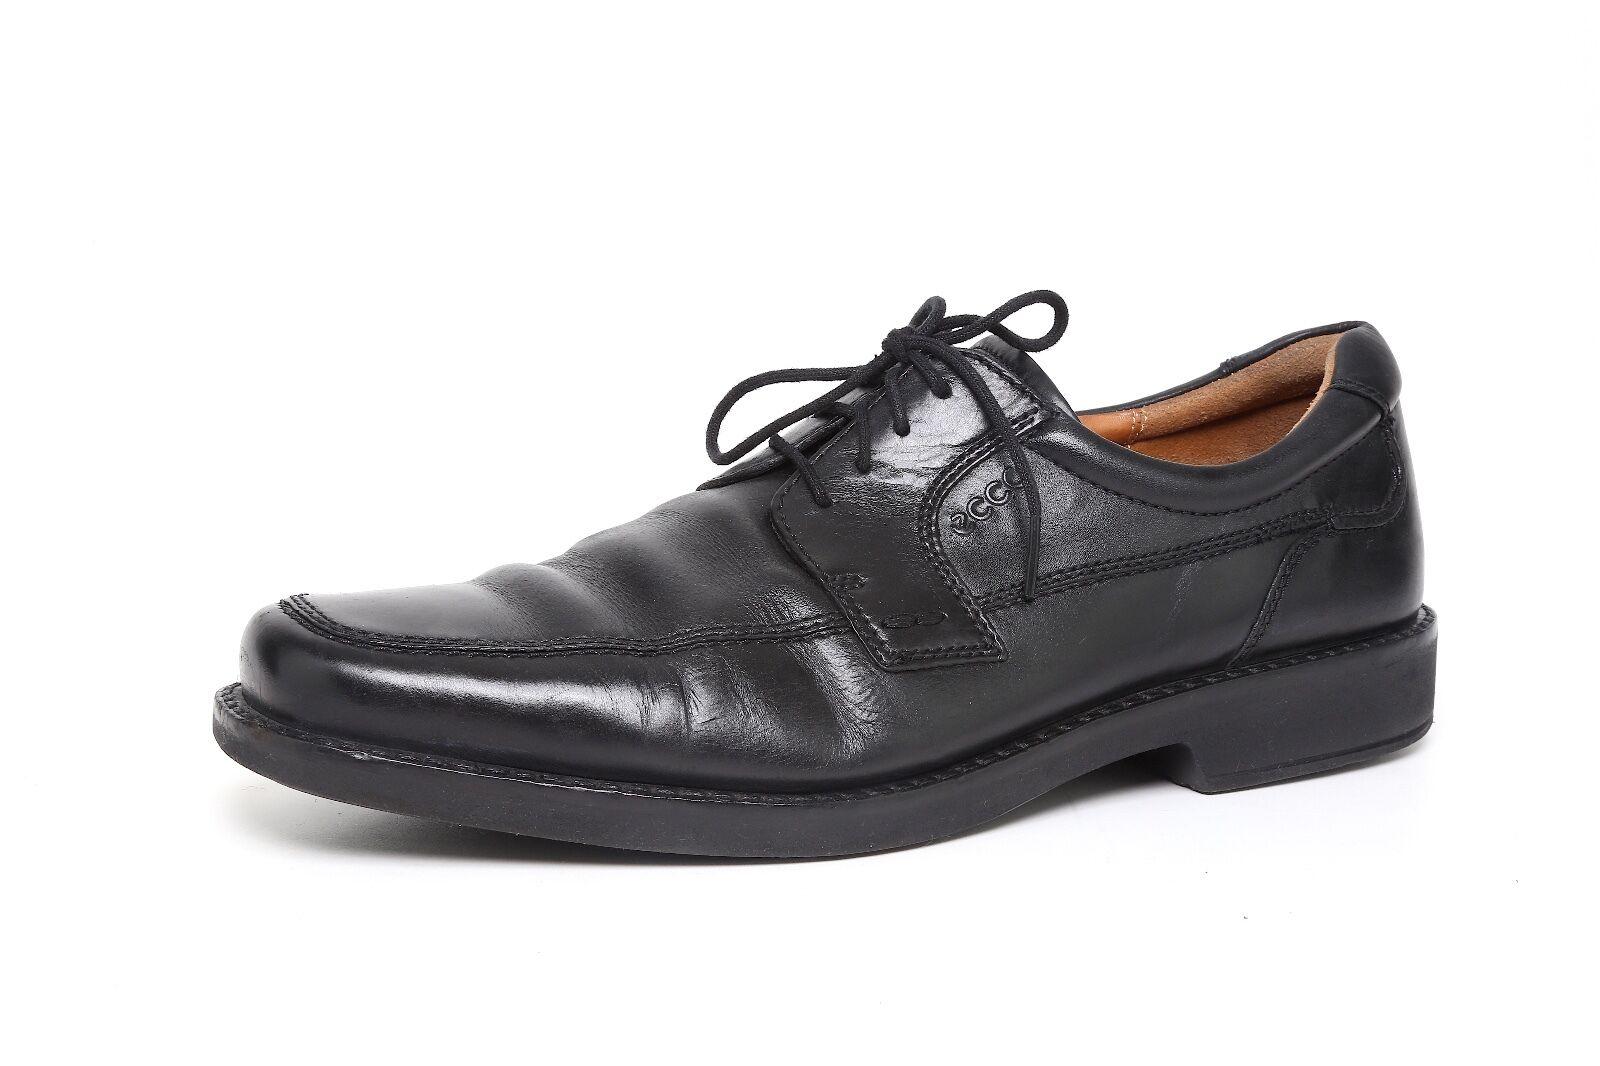 bellissima ECCO Uomo nero SAS Diplomat Leather Oxfords 4844 Sz Sz Sz 46 EUR  vendita online